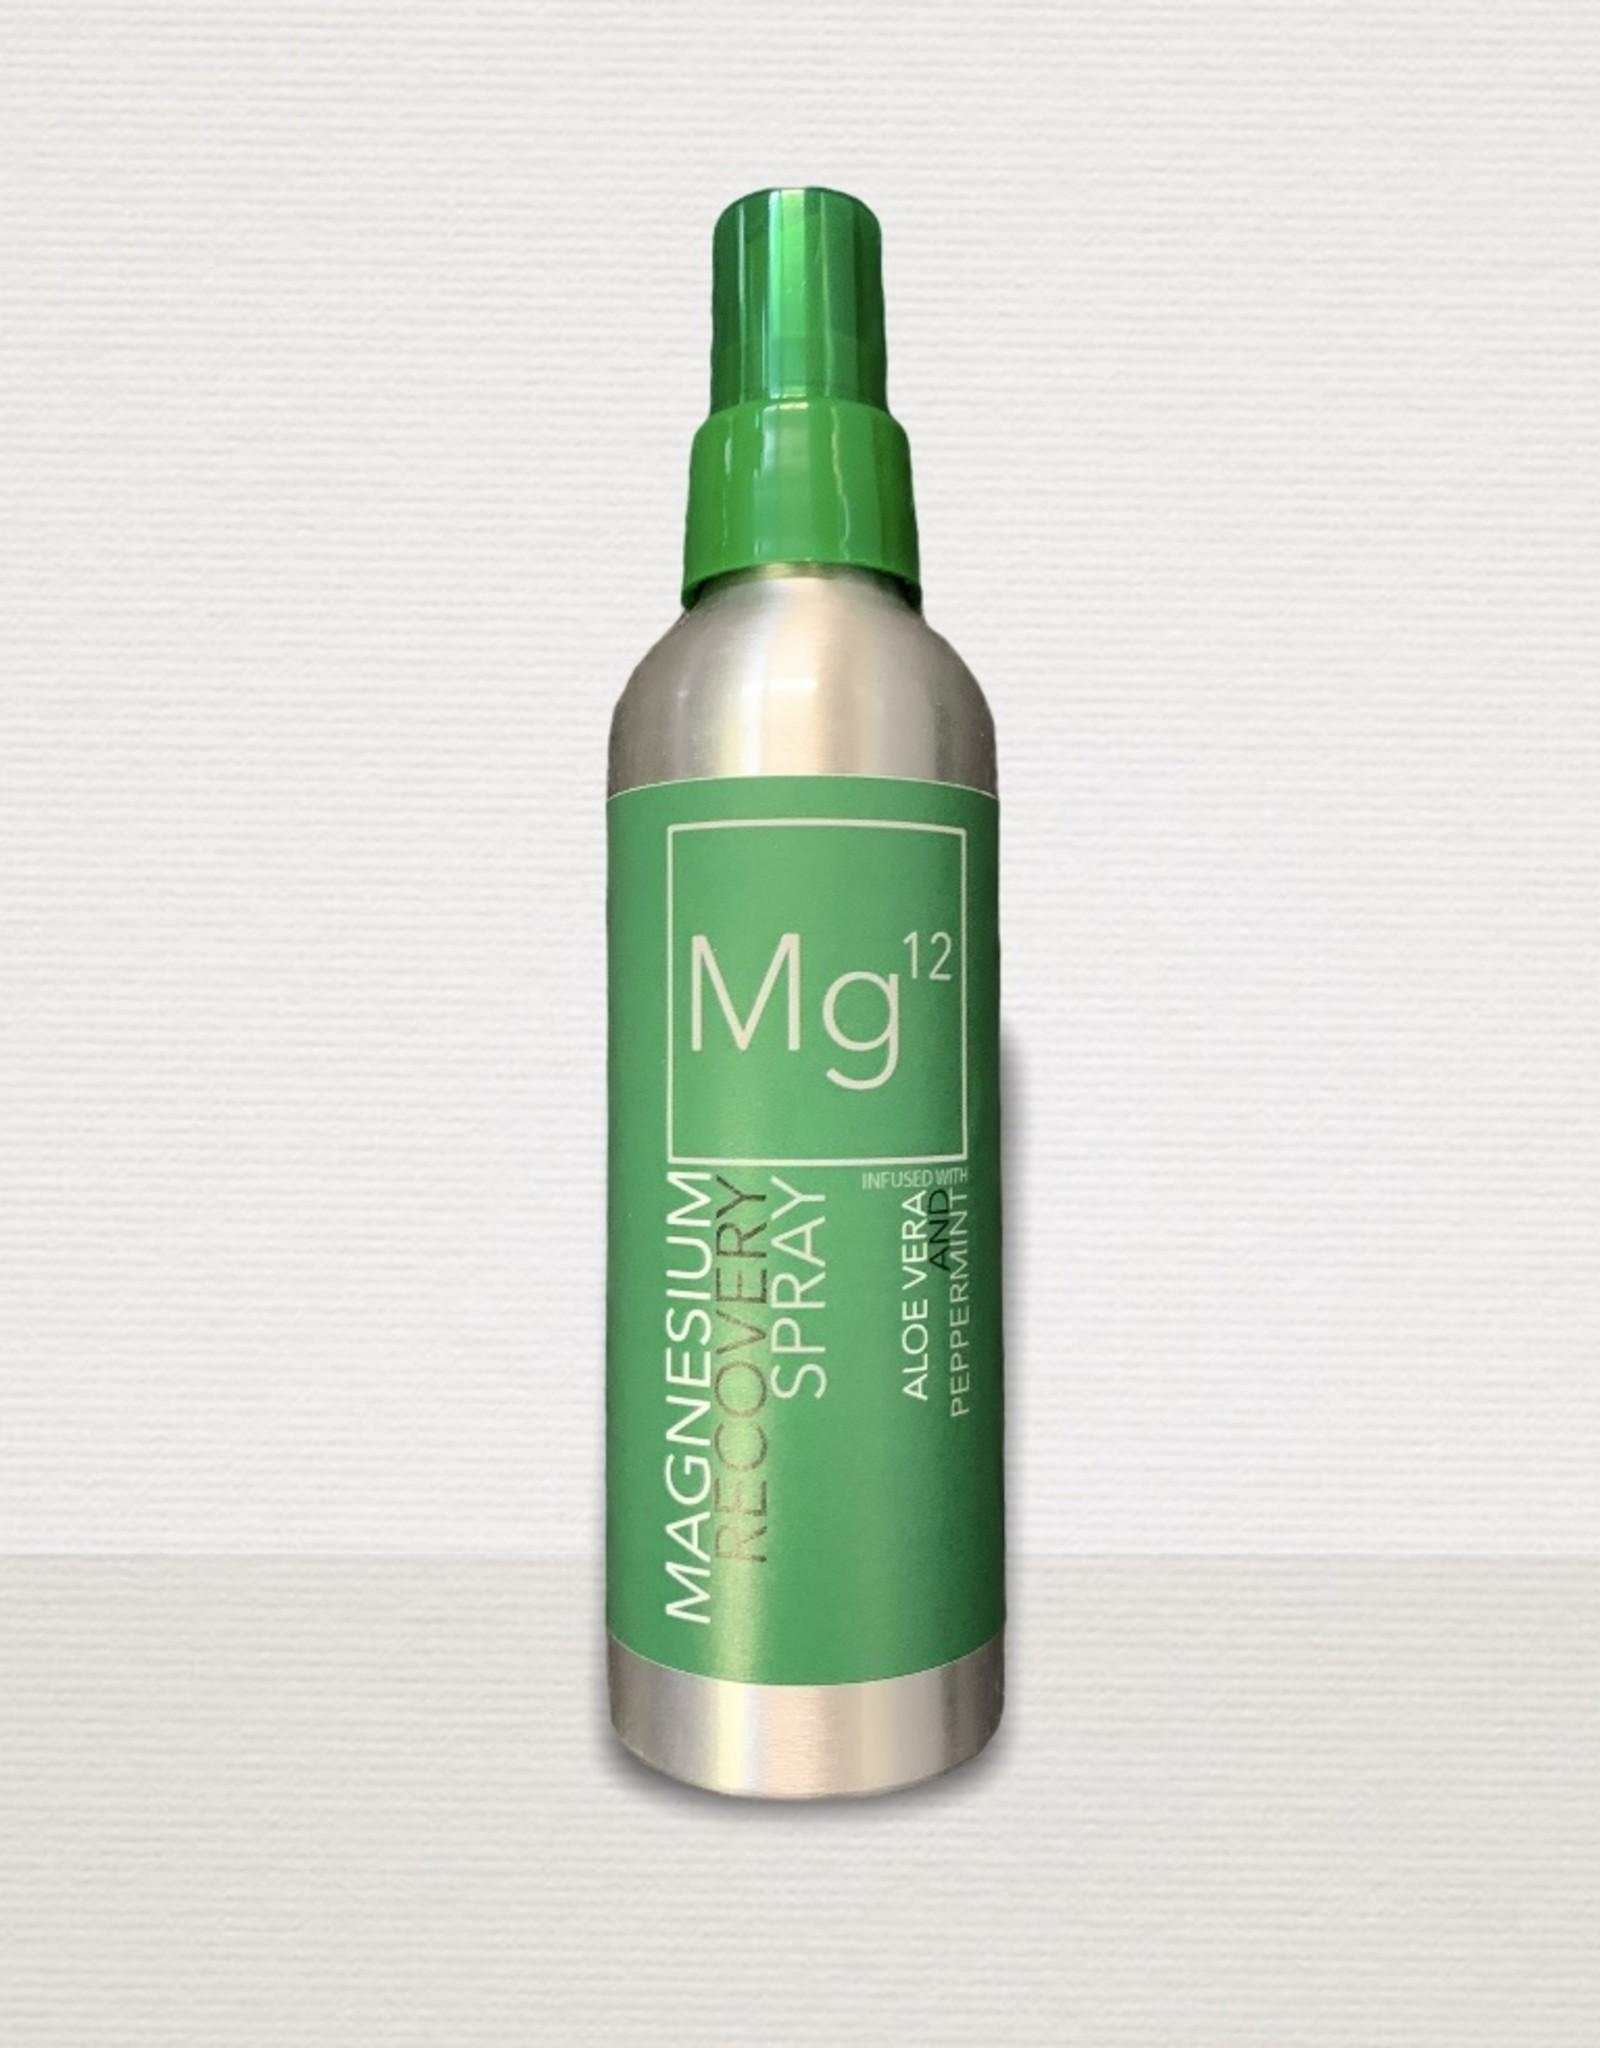 MG12 Mg12 - Natural Magnesium - 150 ml Spray